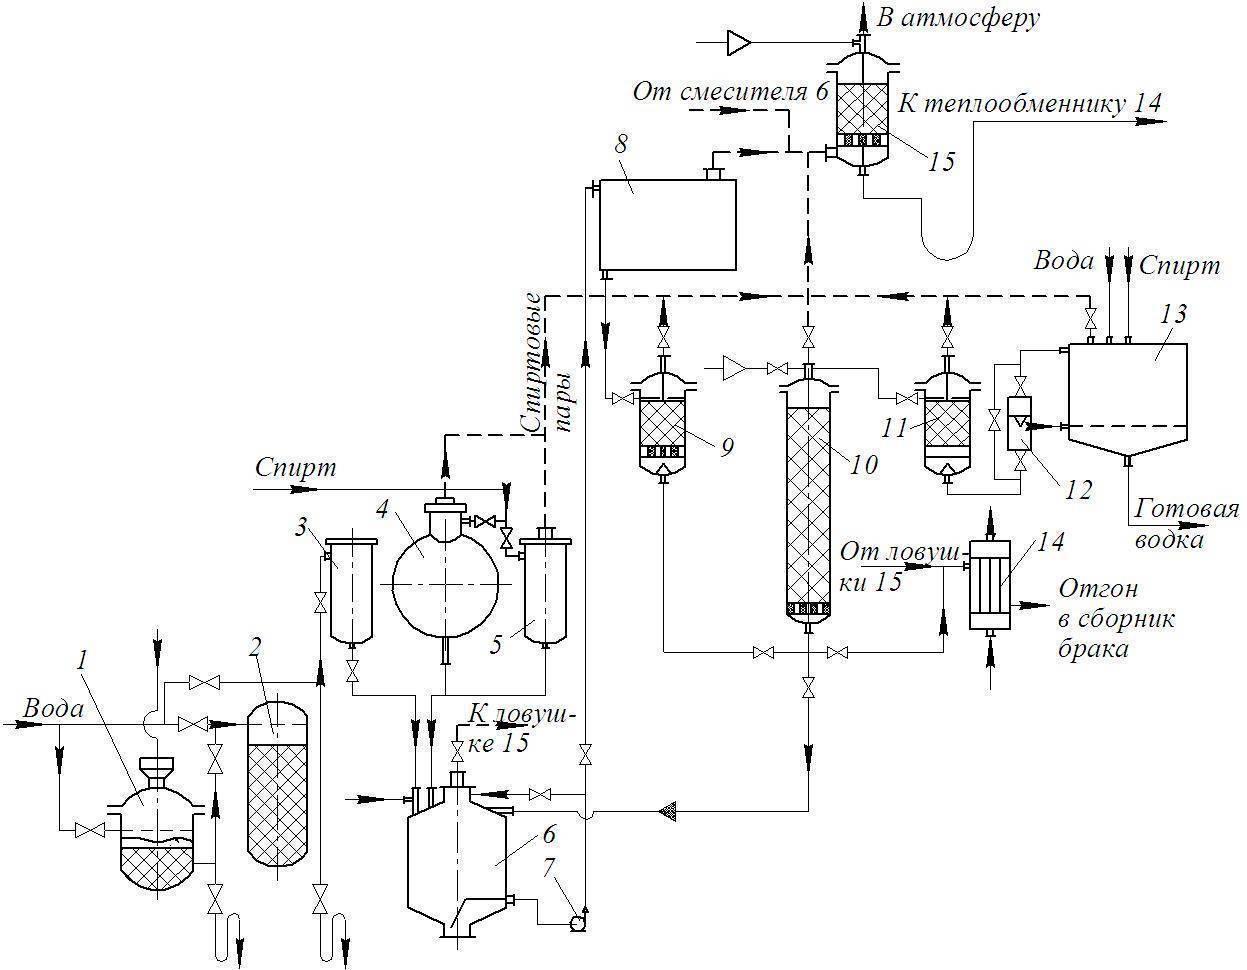 Виды этилового спирта и из чего его делают?